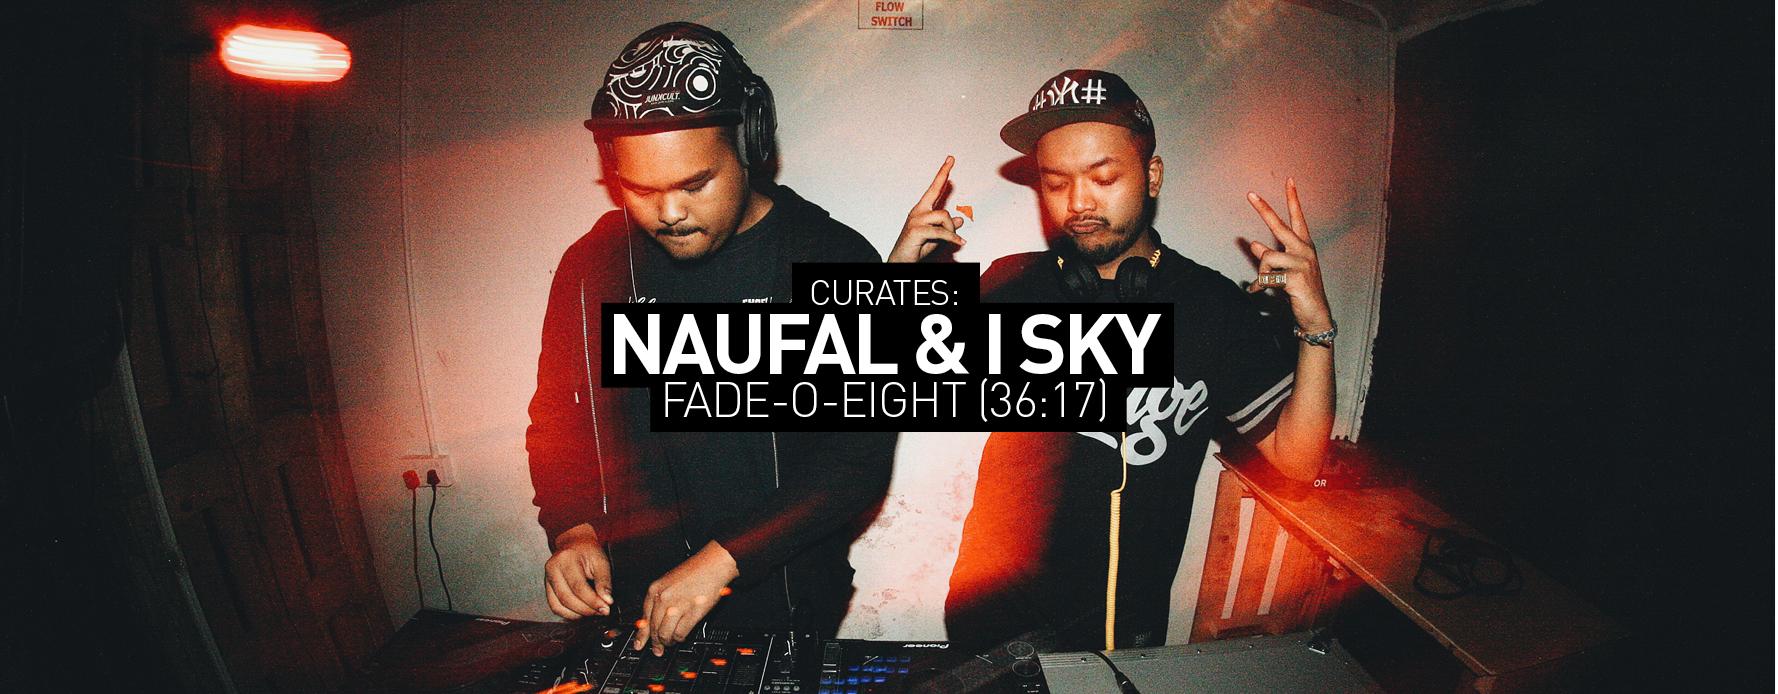 source: Naufal & I-Sky